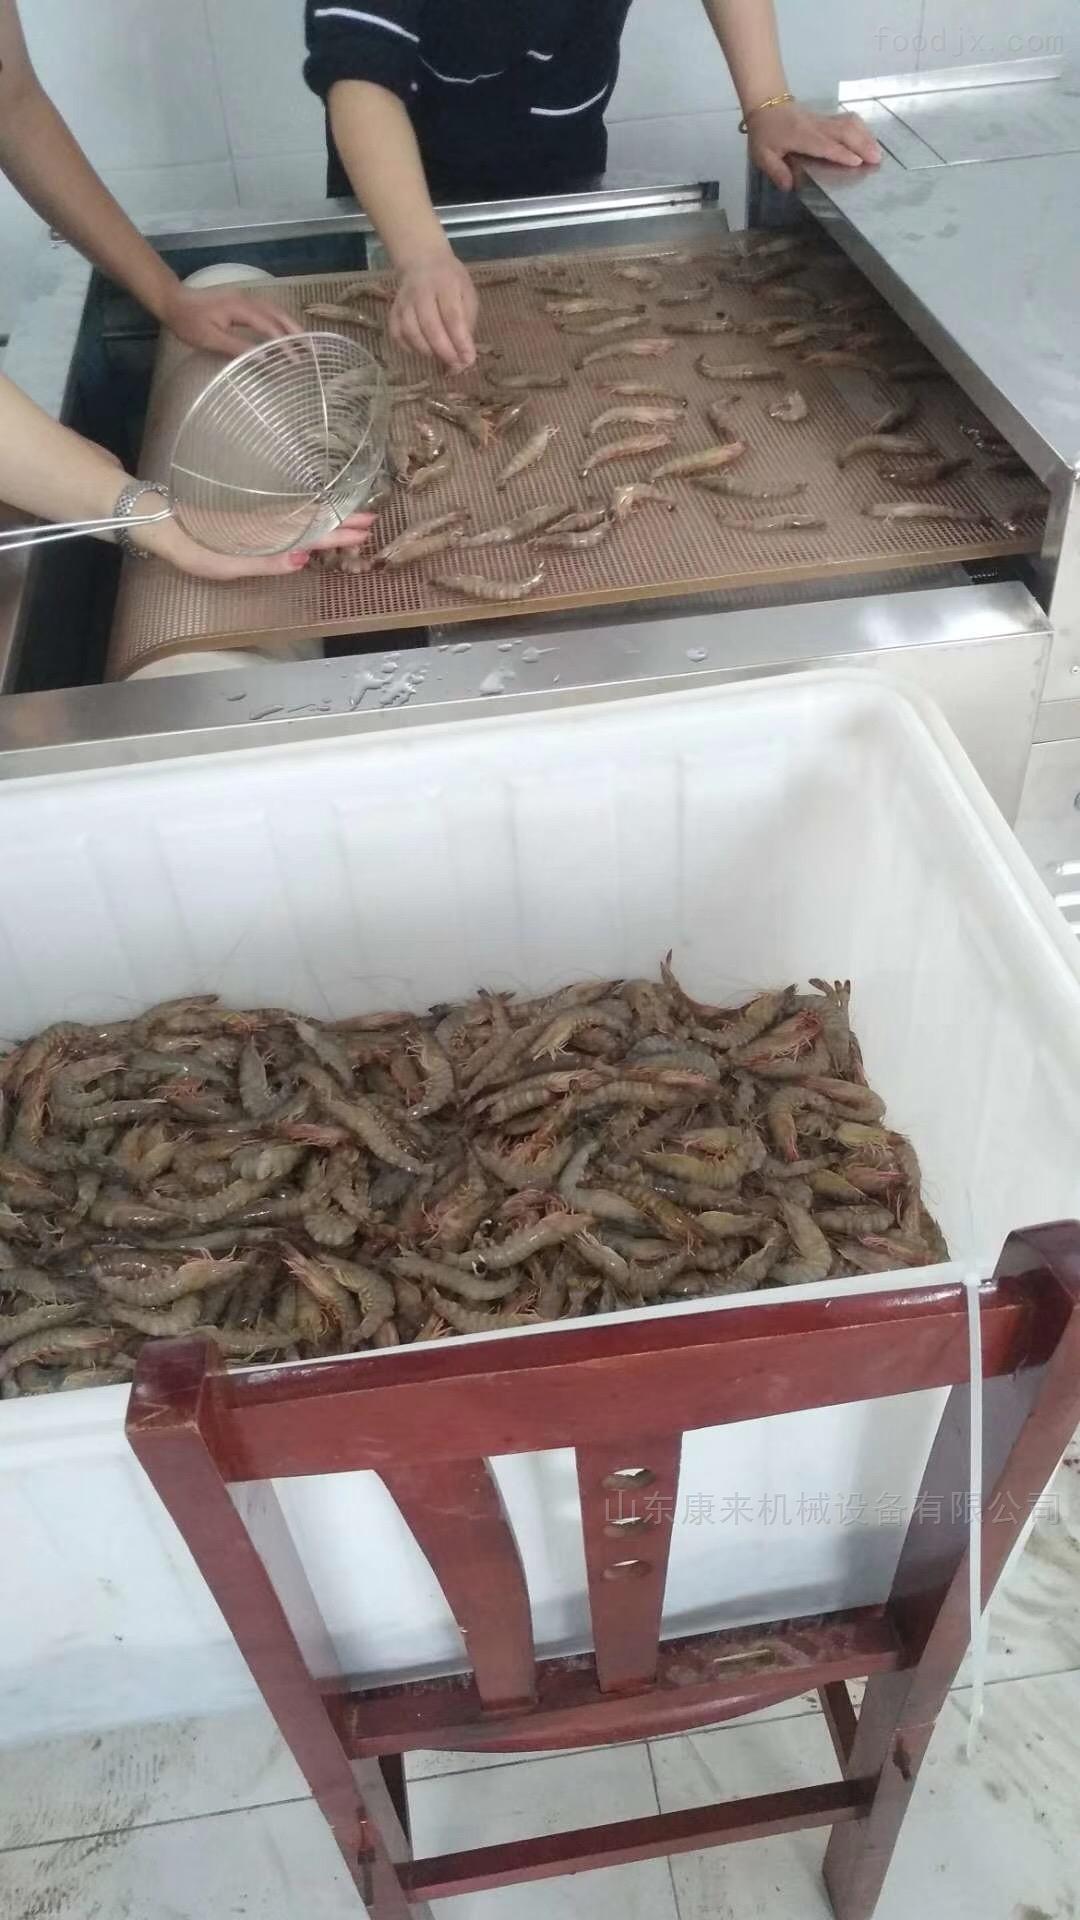 海鲜虾烘烤烘熟设备厂家